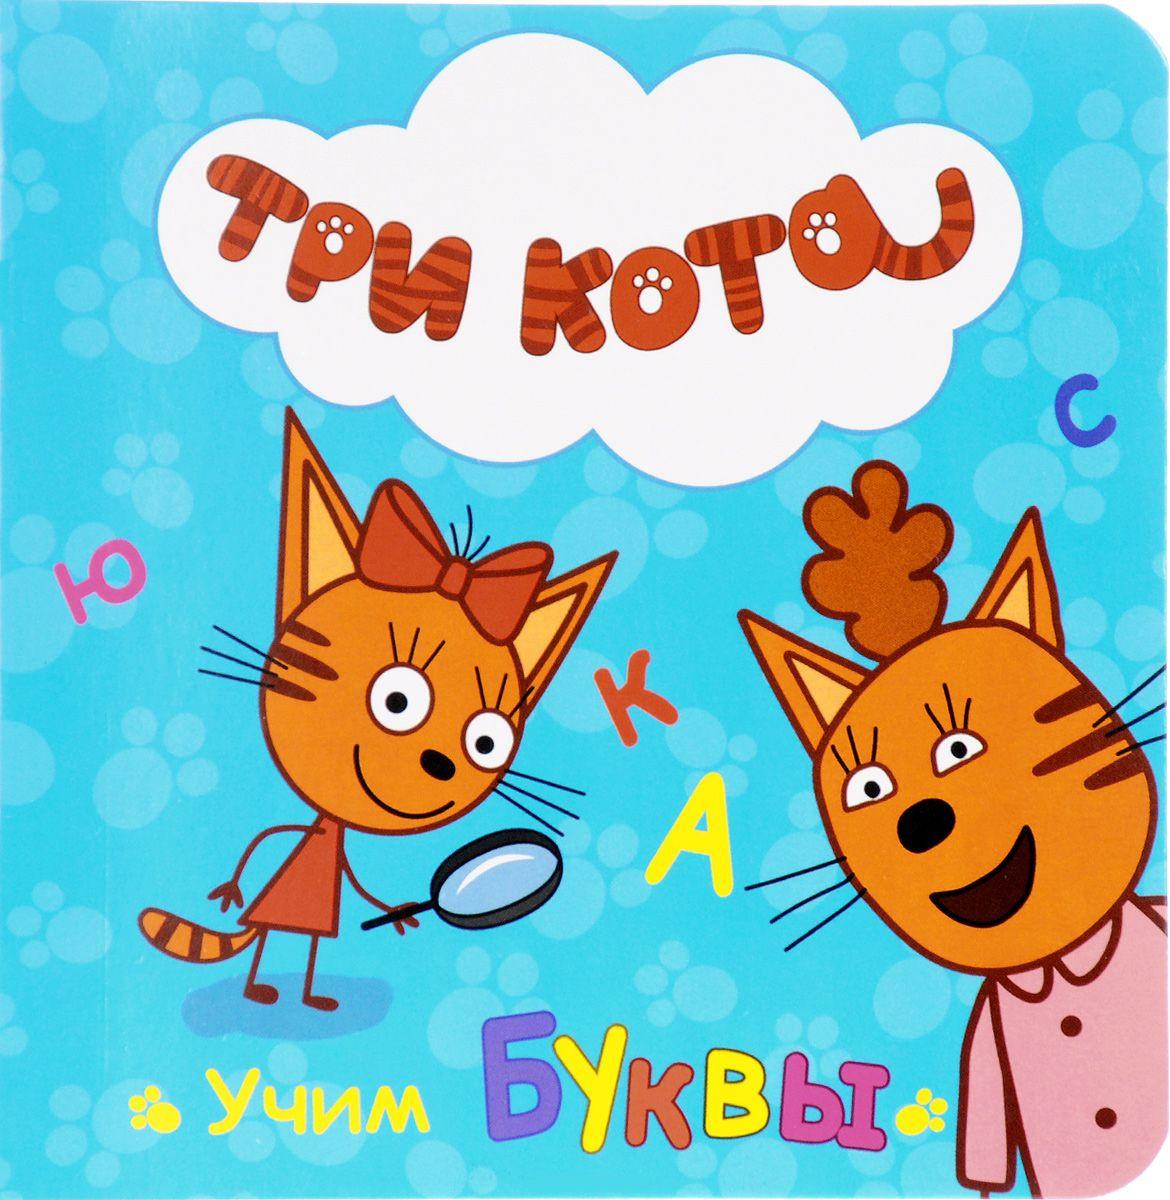 Книга - Три кота - Учим буквыУчим буквы и цифры<br>Книга - Три кота - Учим буквы<br>